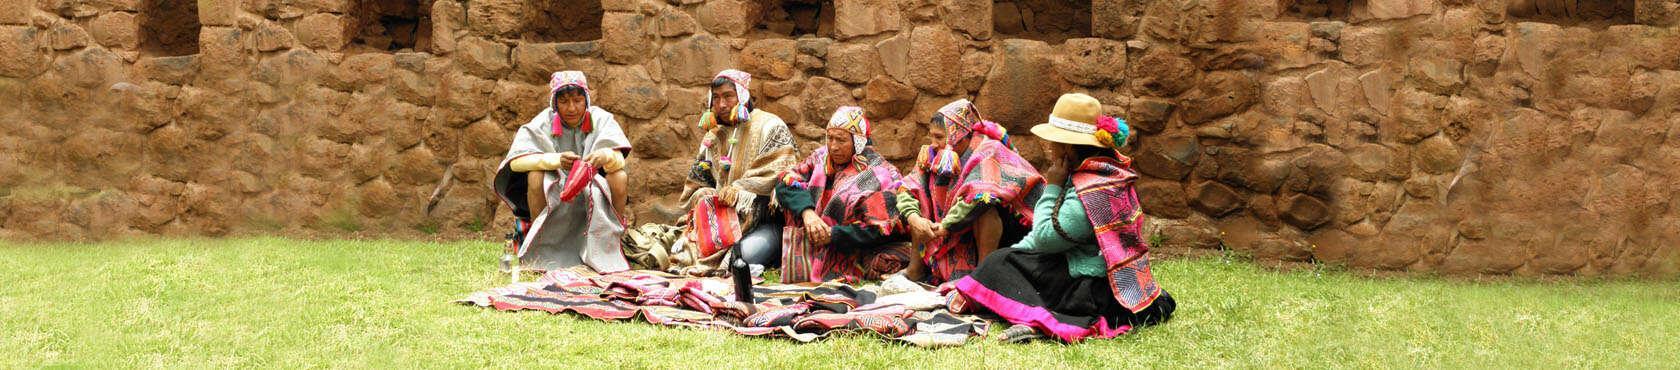 Eine Gruppe von Inka-Meistern und Schamanen aus Q'eros, Hochanden, Peru